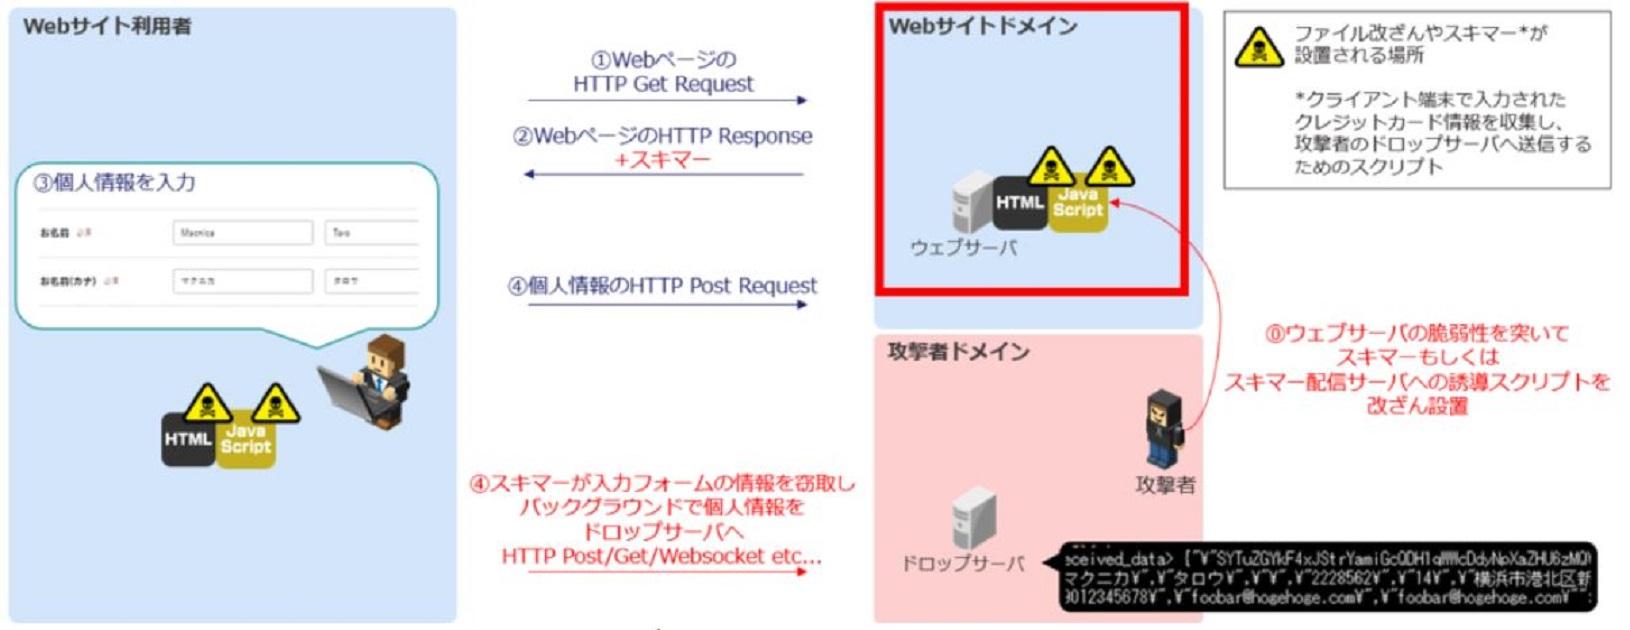 自社のWebサイトは安全ですか? - 不審な接続先の調査方法 Webスキミング編-